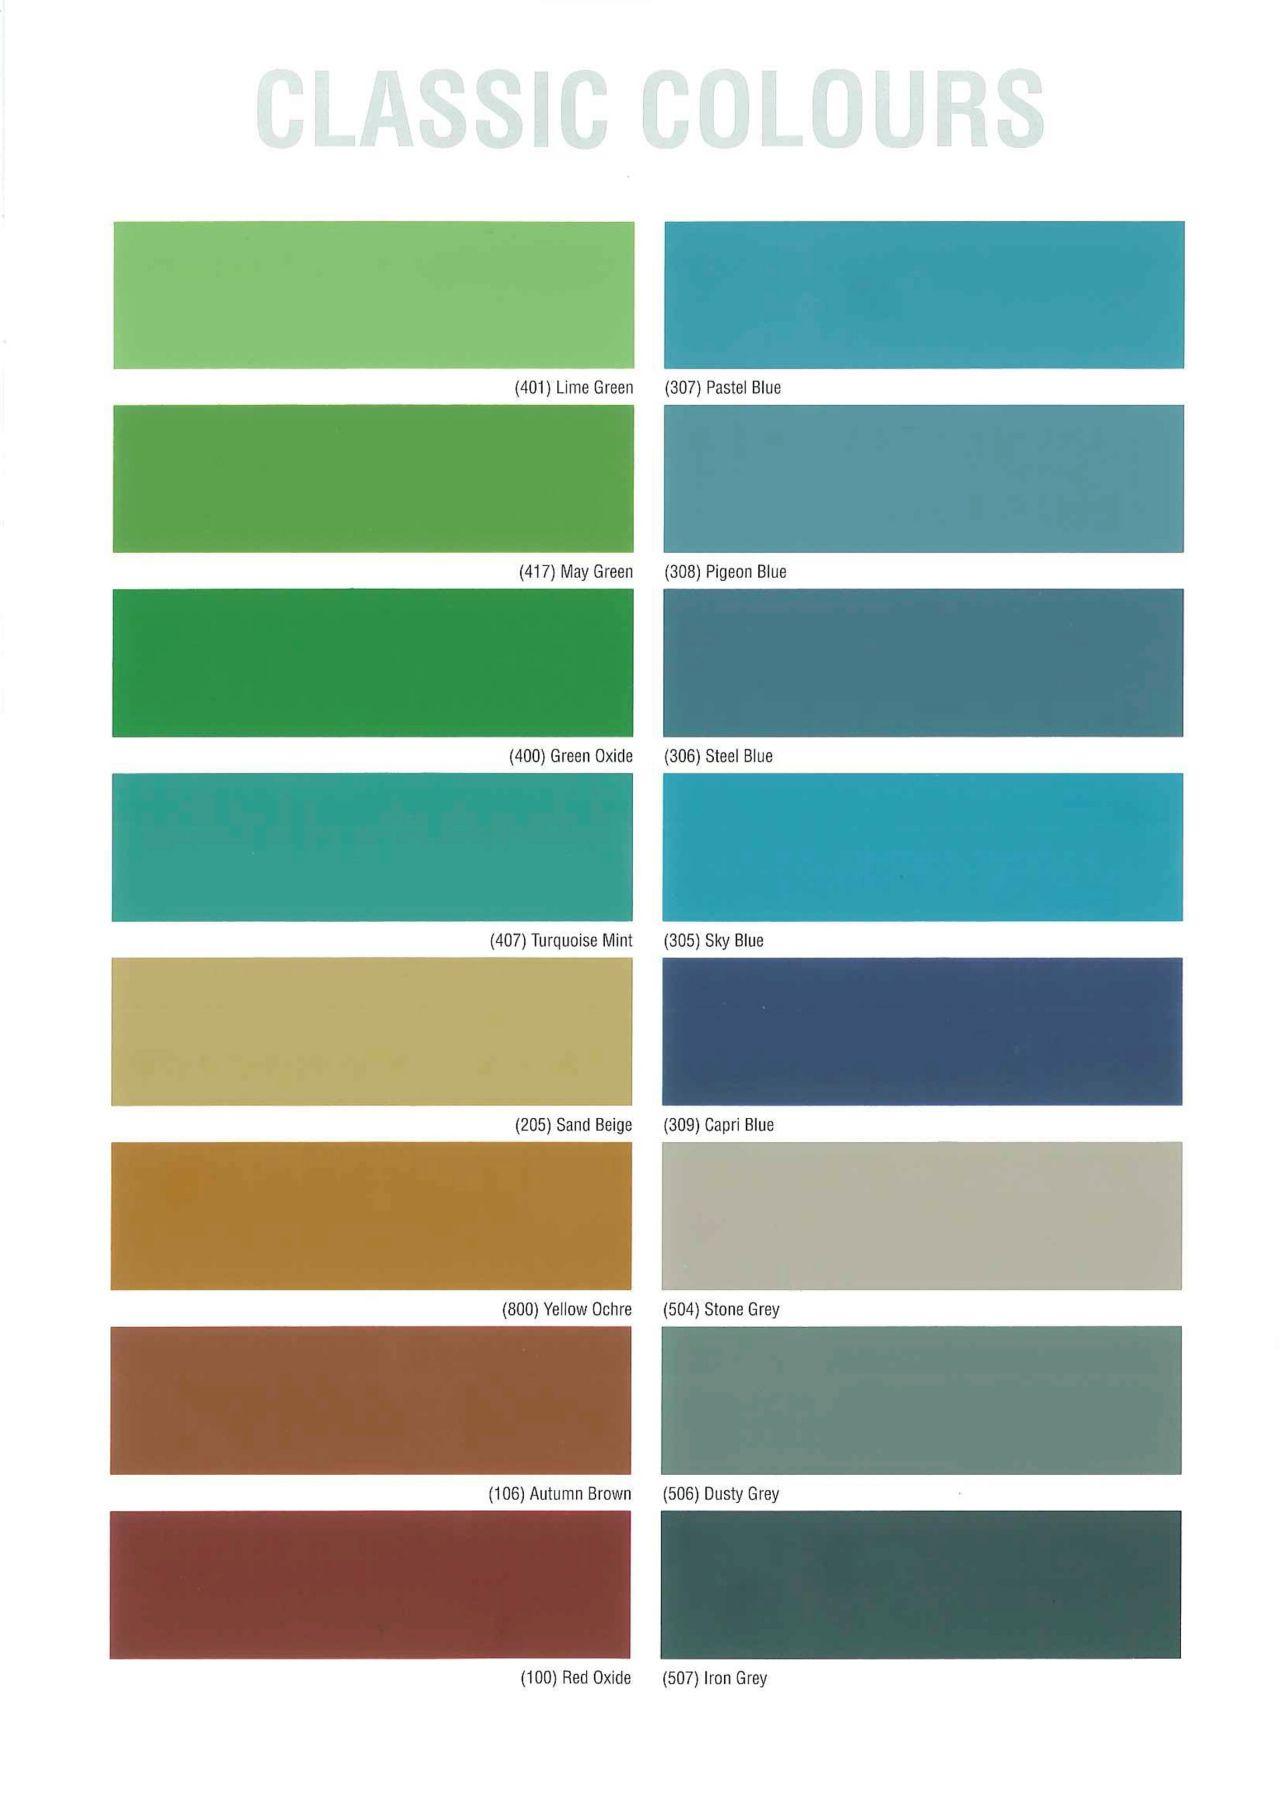 Classic kleuren